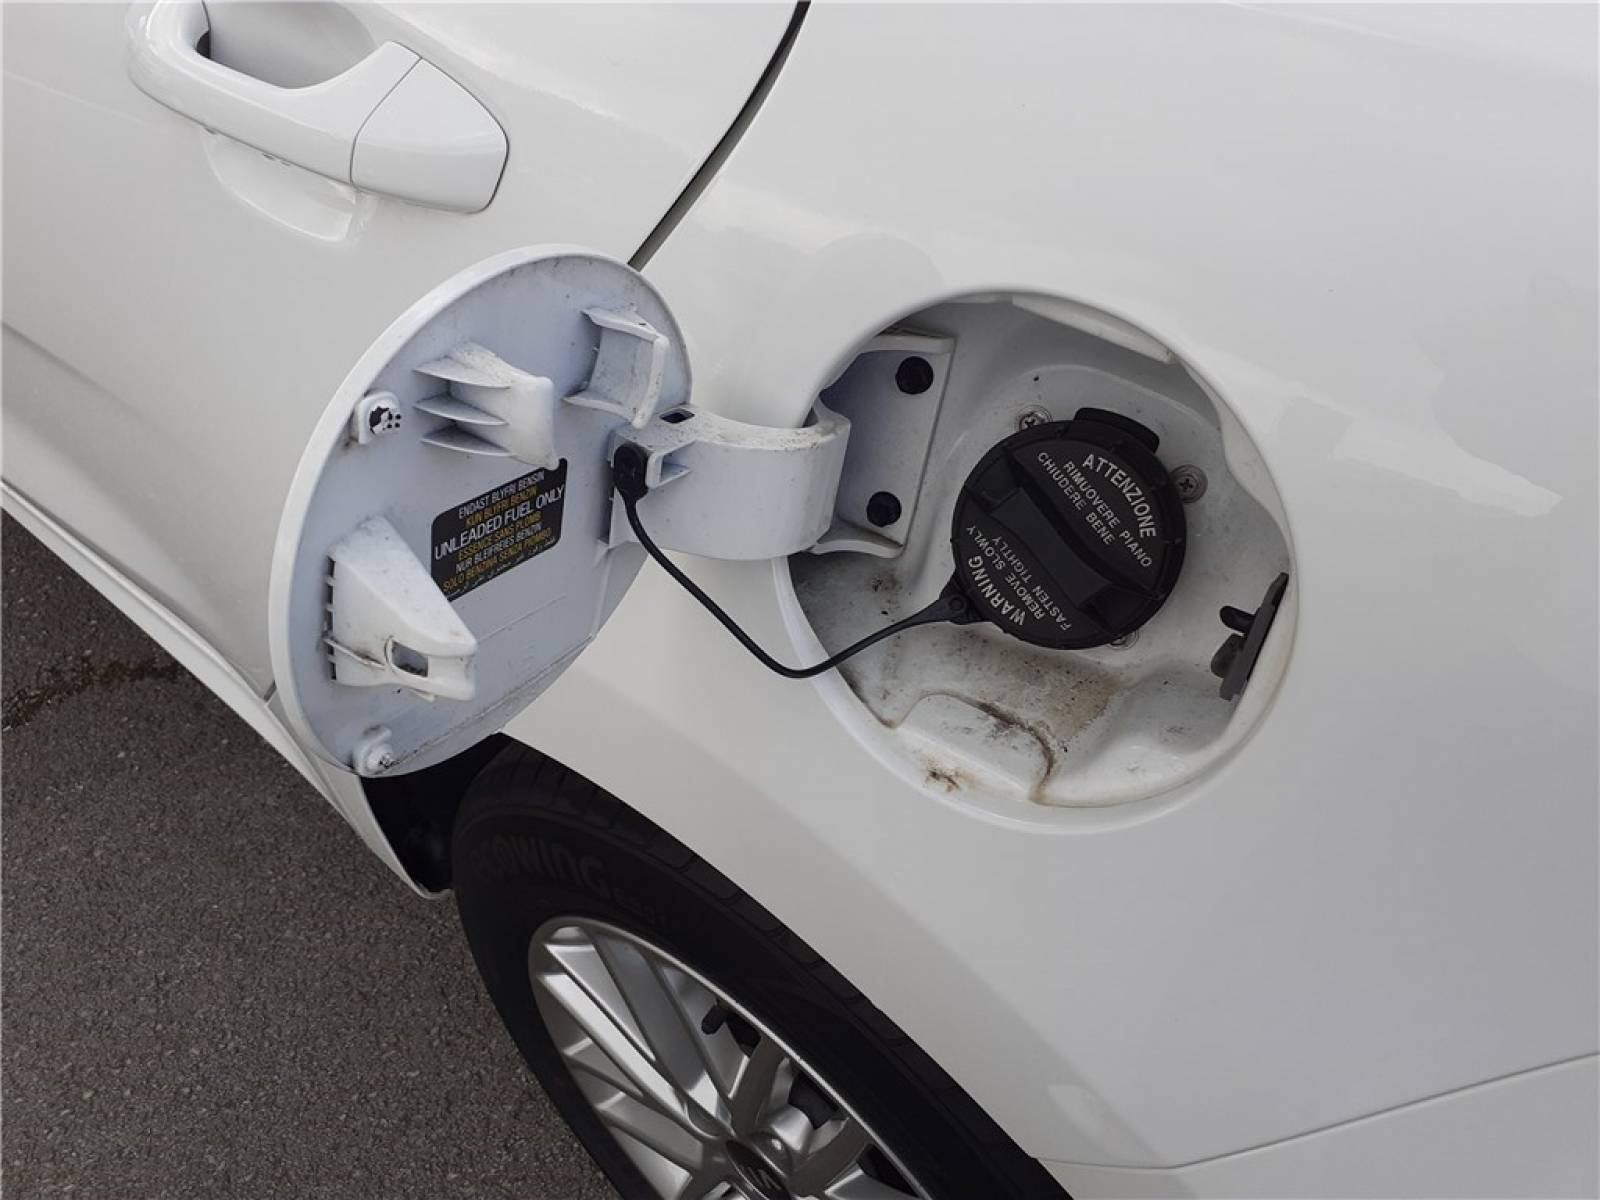 KIA Rio Business 1.2L 84 ch ISG - véhicule d'occasion - Groupe Guillet - Opel Magicauto - Montceau-les-Mines - 71300 - Montceau-les-Mines - 5